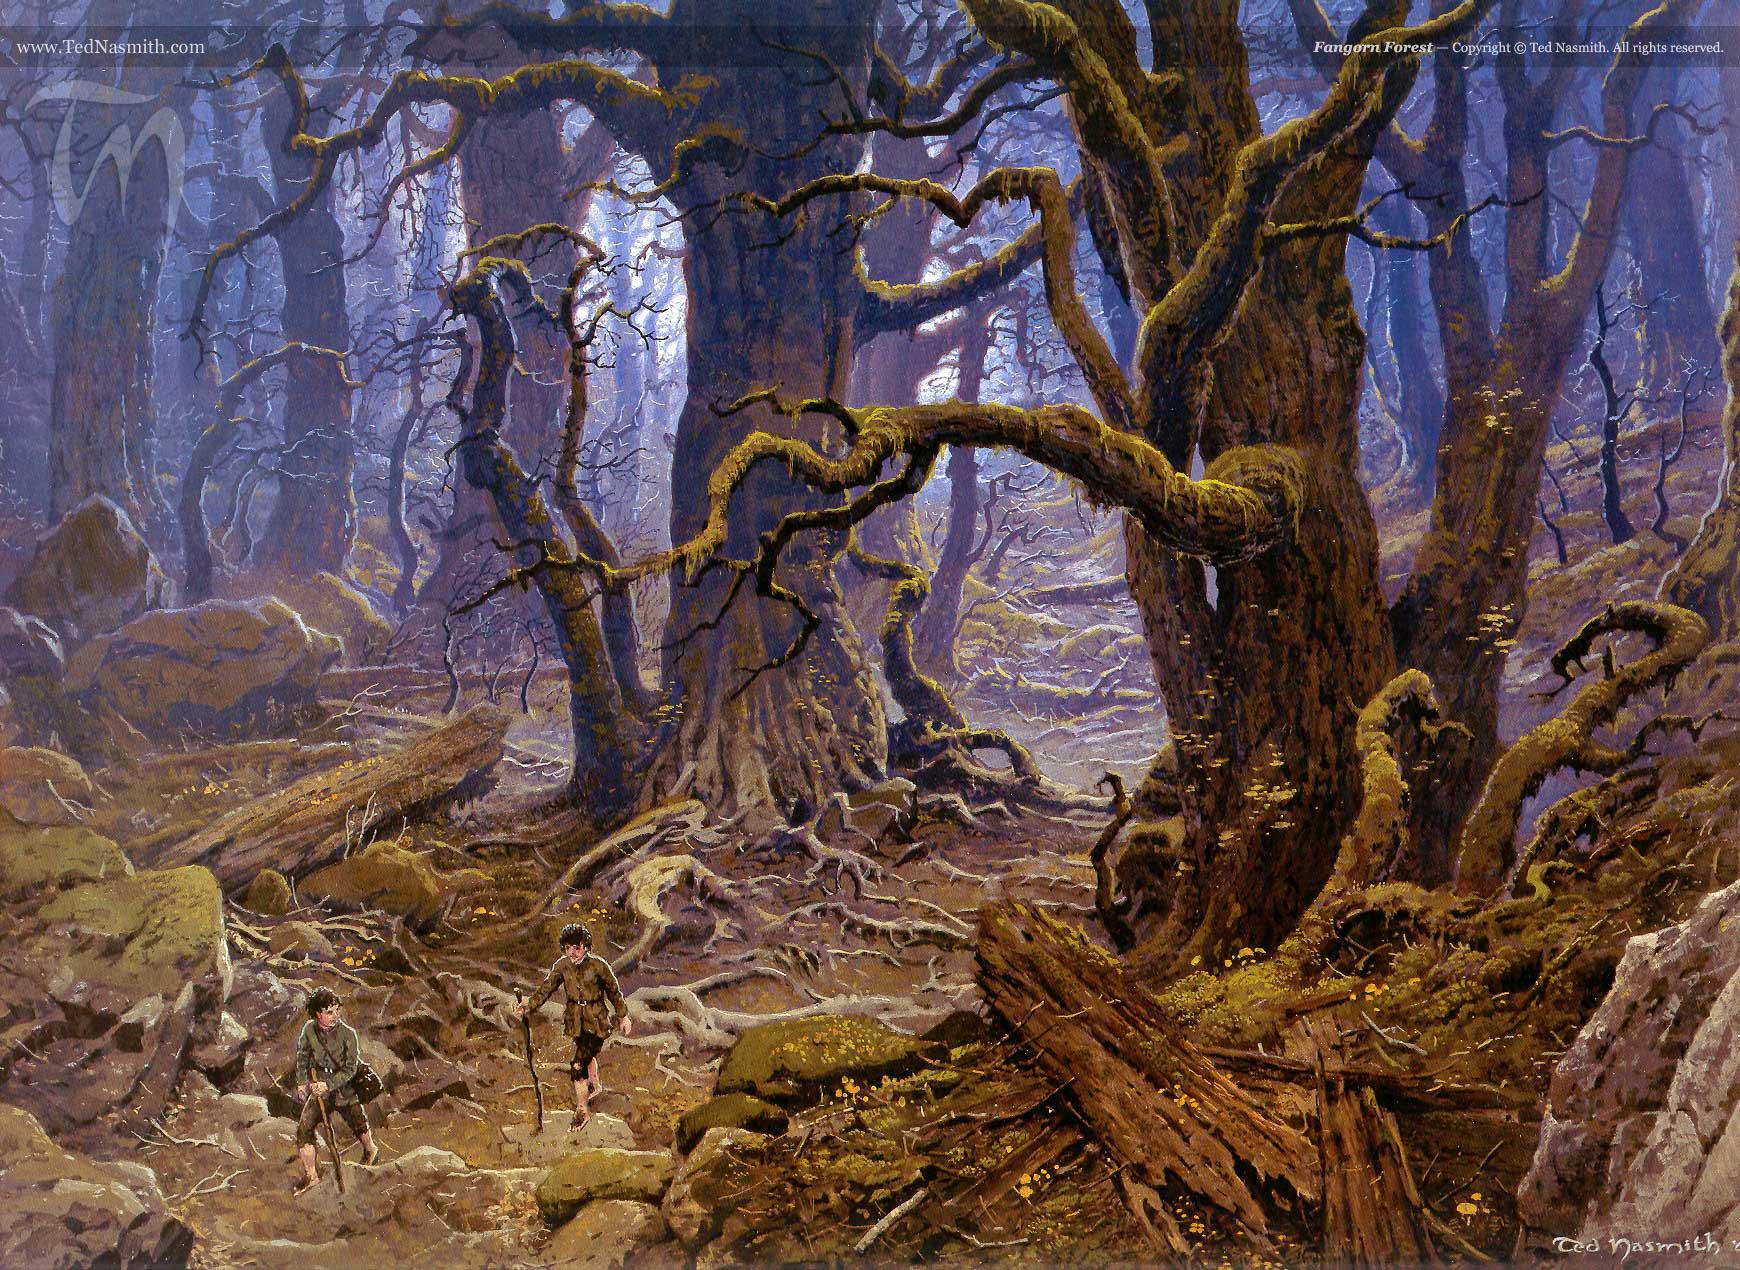 Fangorn TN-Fangorn_Forest